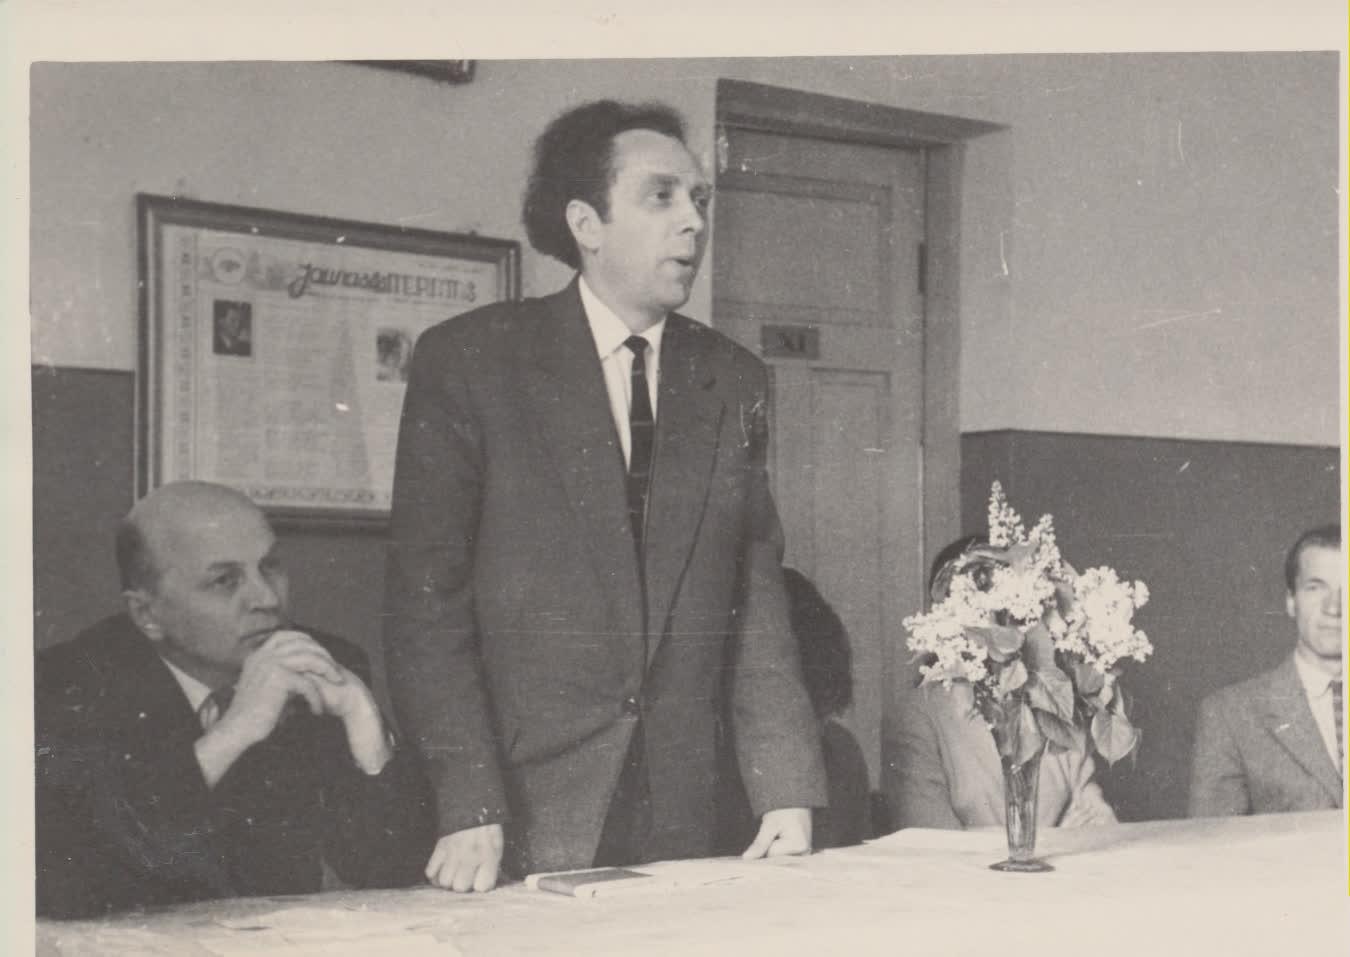 V. Reimeris ir J. Baltušis susitikime su skaitytojais. Nors nebuvo artimi draugai, J. Baltušis ne kartą pakreipė V. Reimerio gyvenimą, pasiūlydamas pareigas ar perkėlimą iš vieno miesto į kitą. J. Lapašinsko nuotrauka